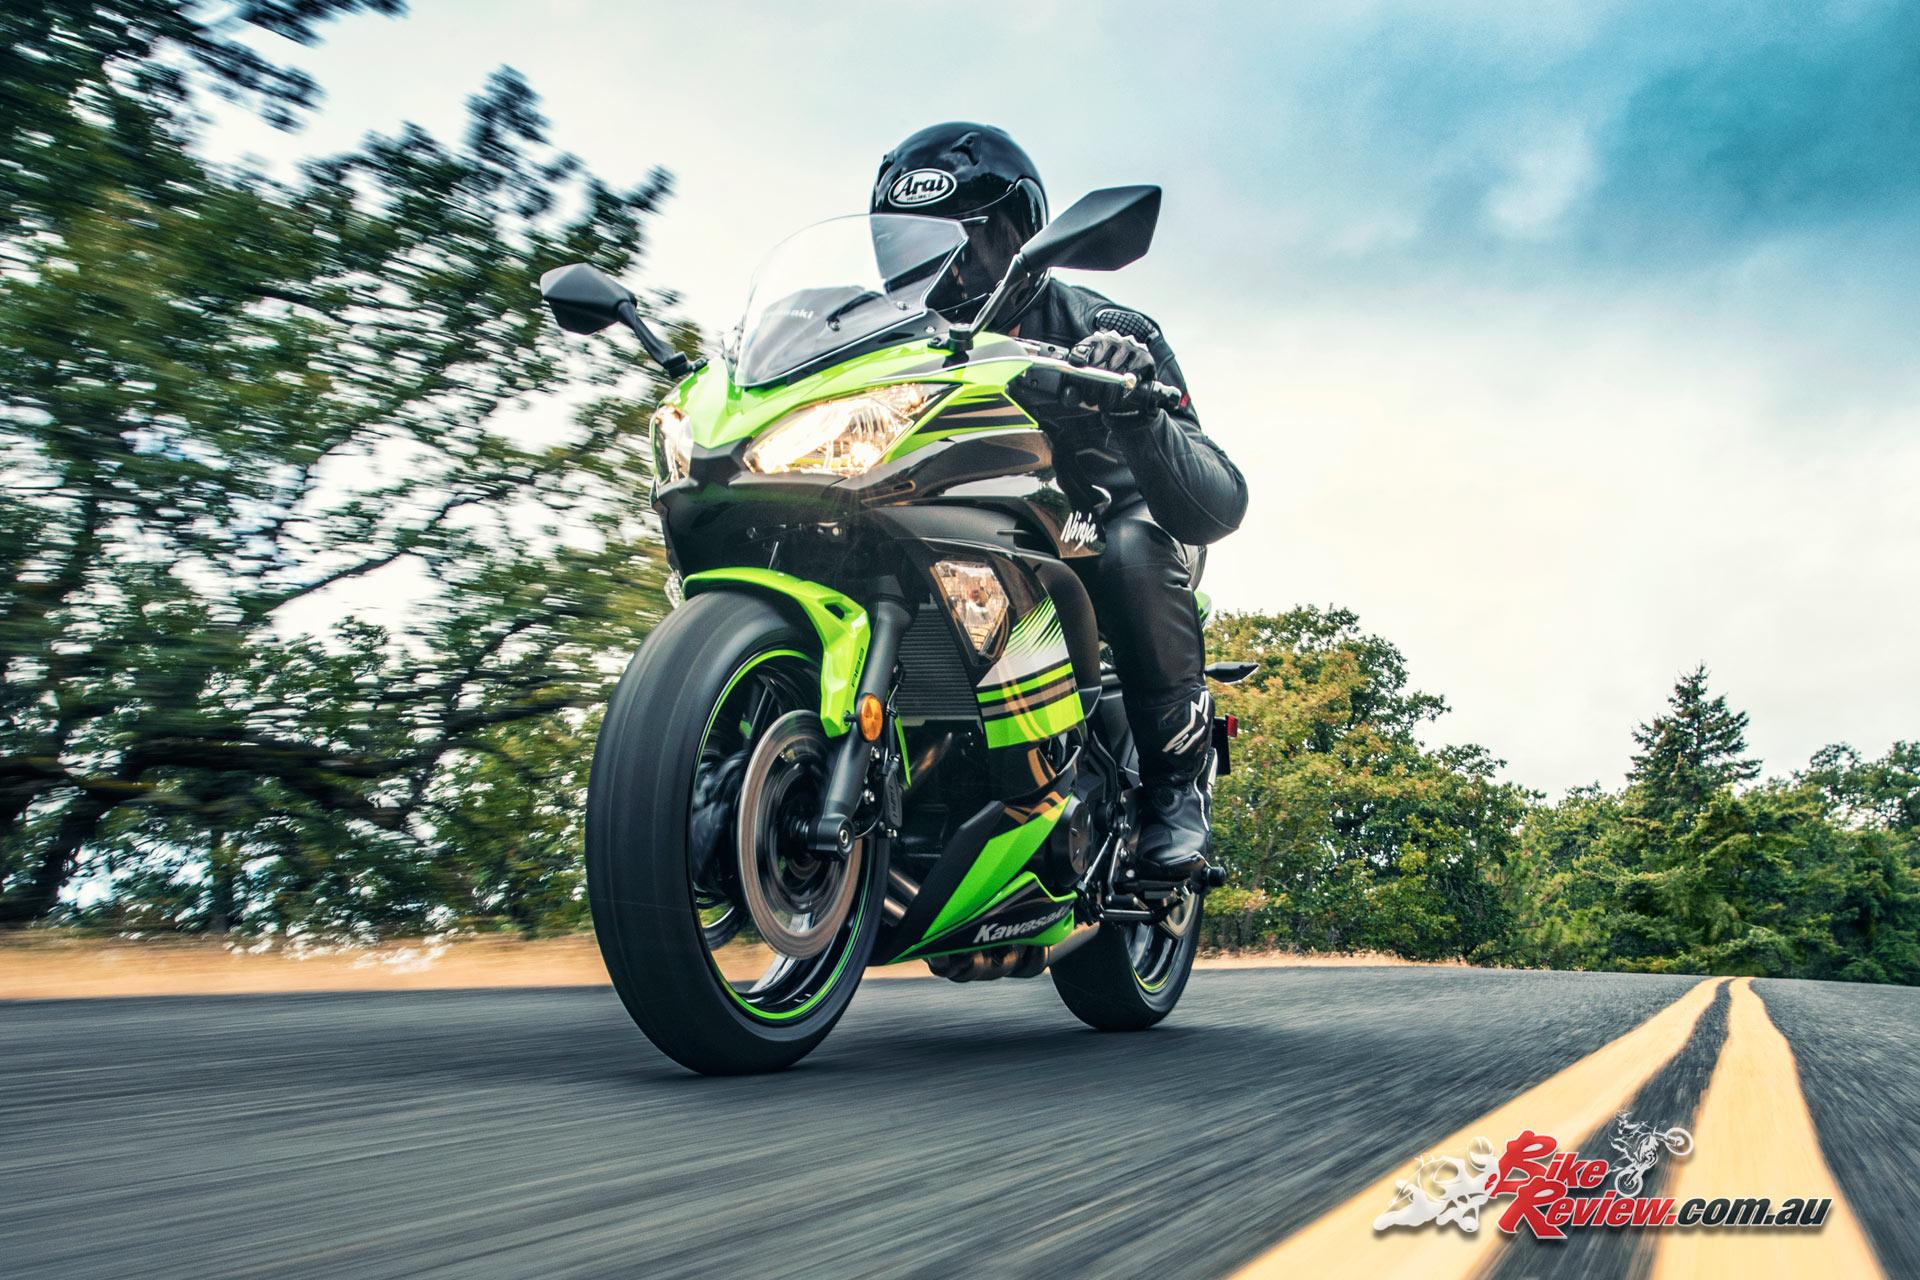 2017 kawasaki ninja 650 amp 650l bike review